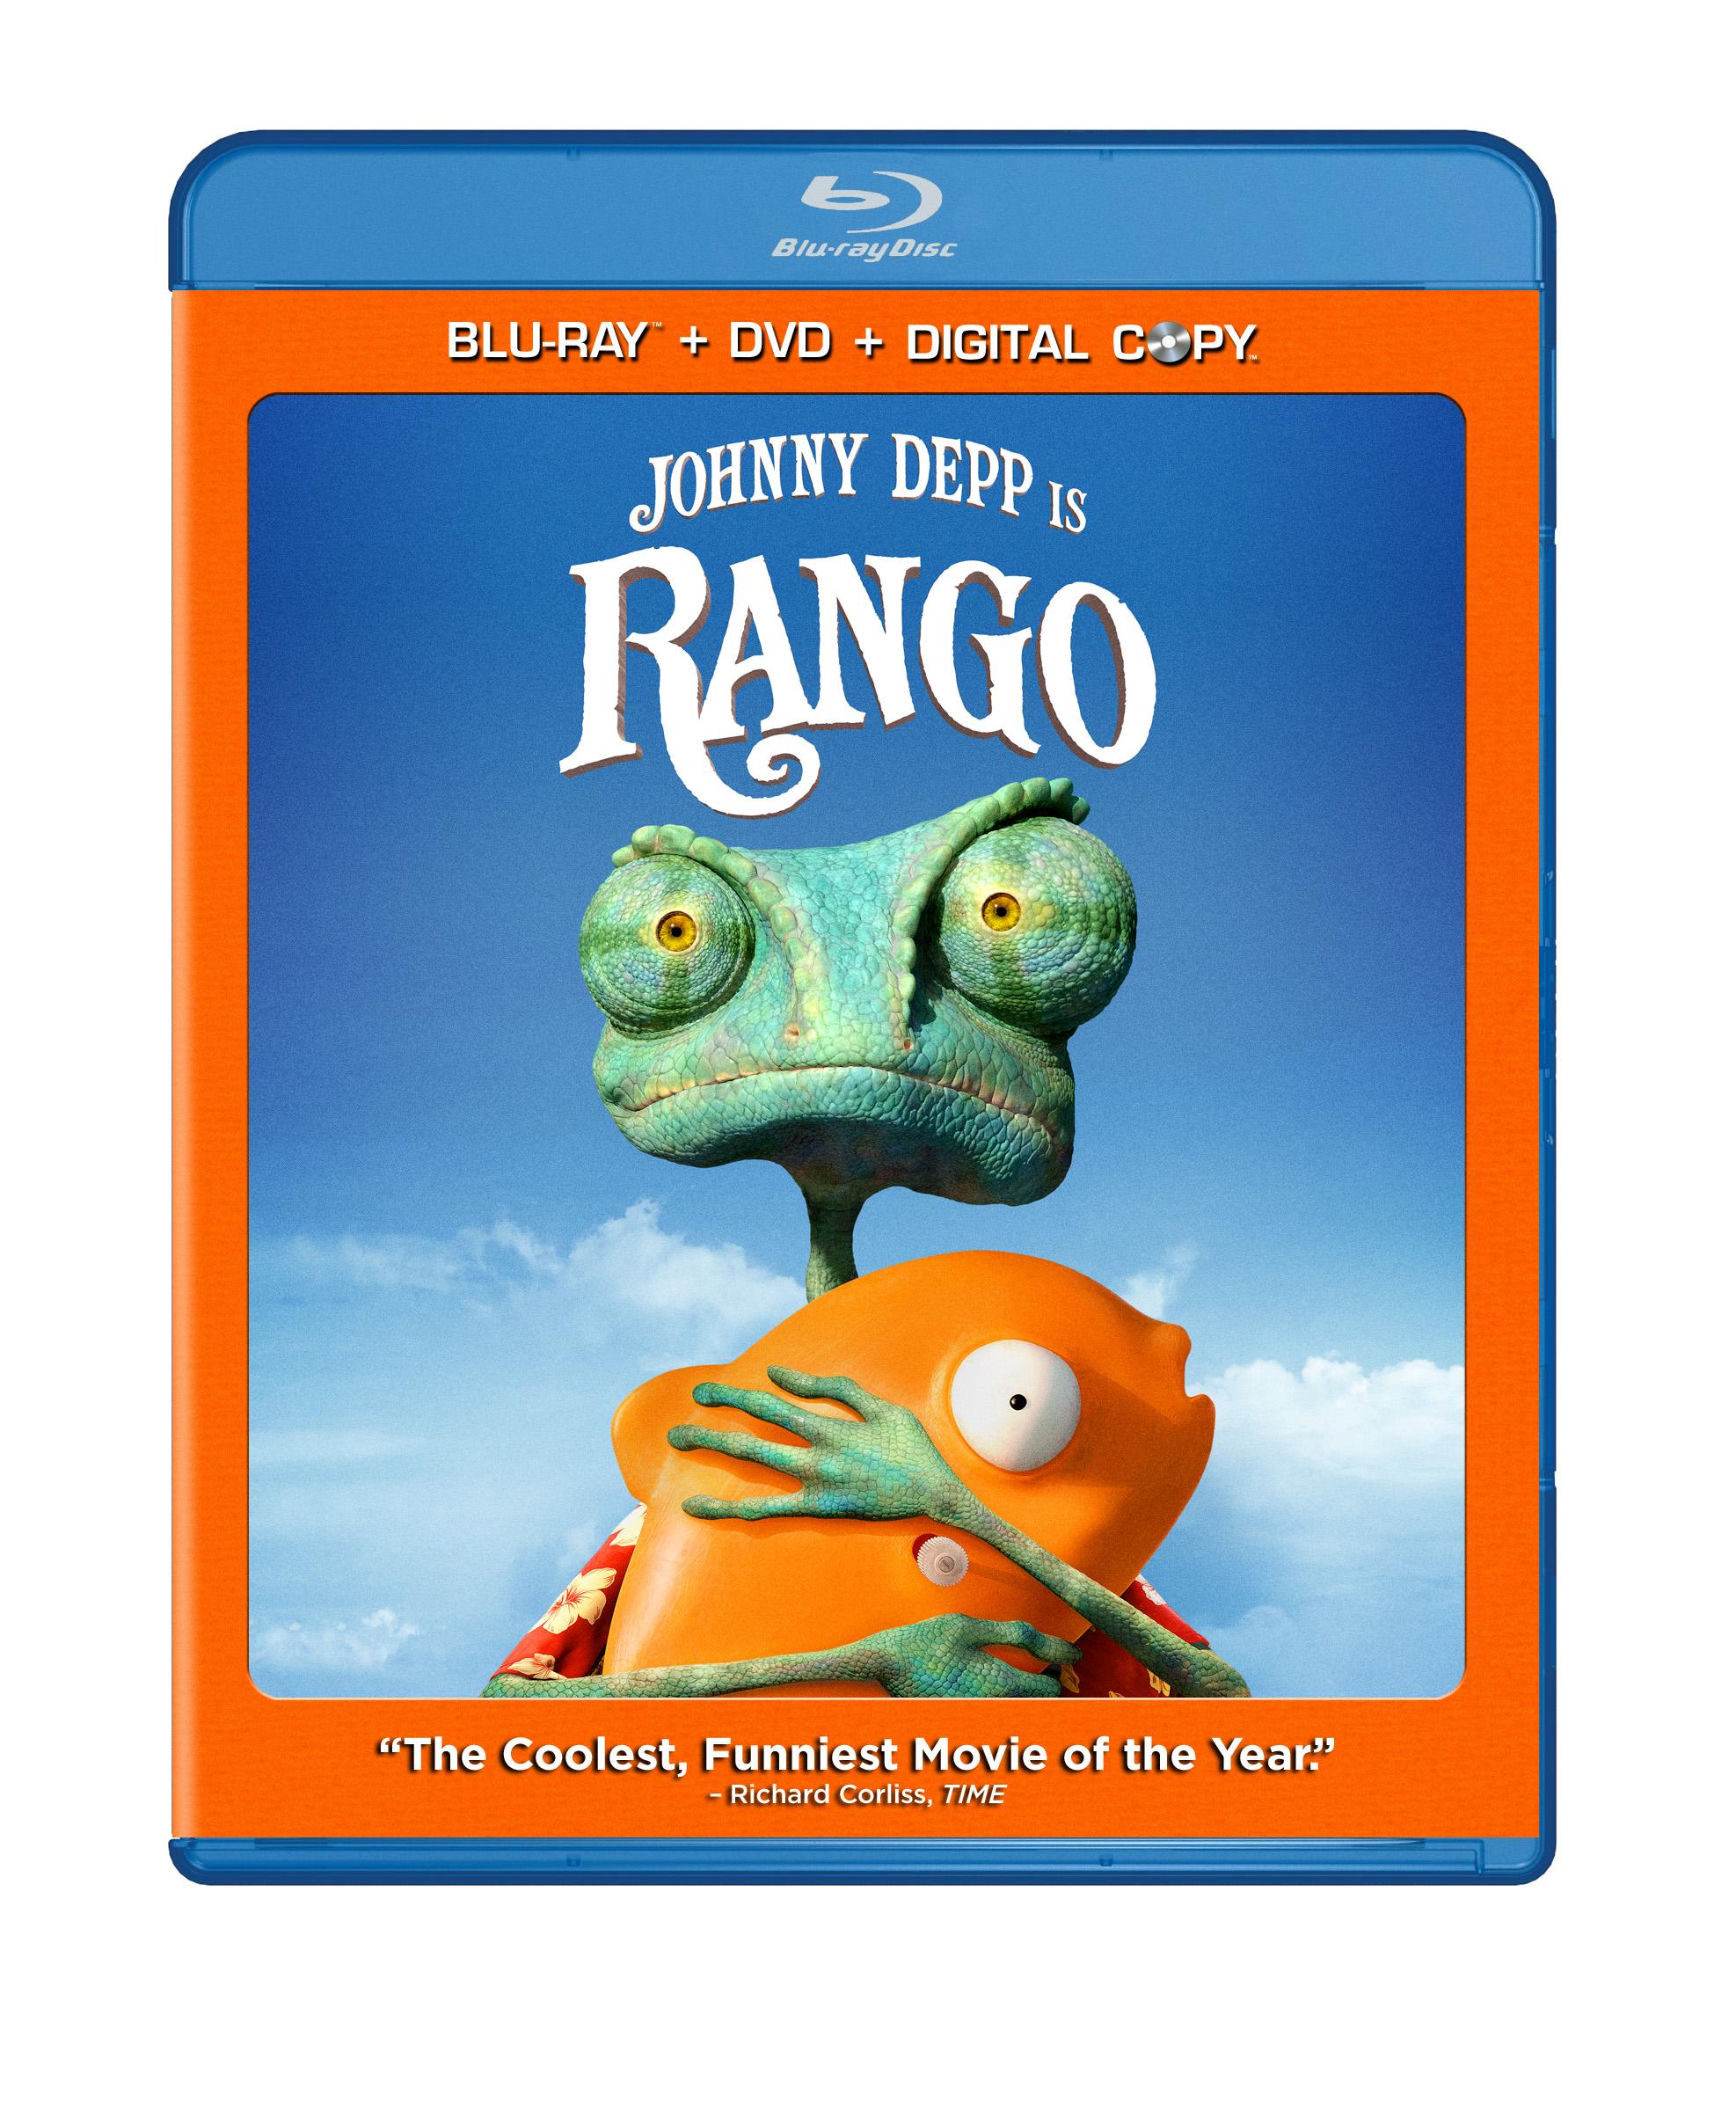 Rango in Blu-ray/DVD